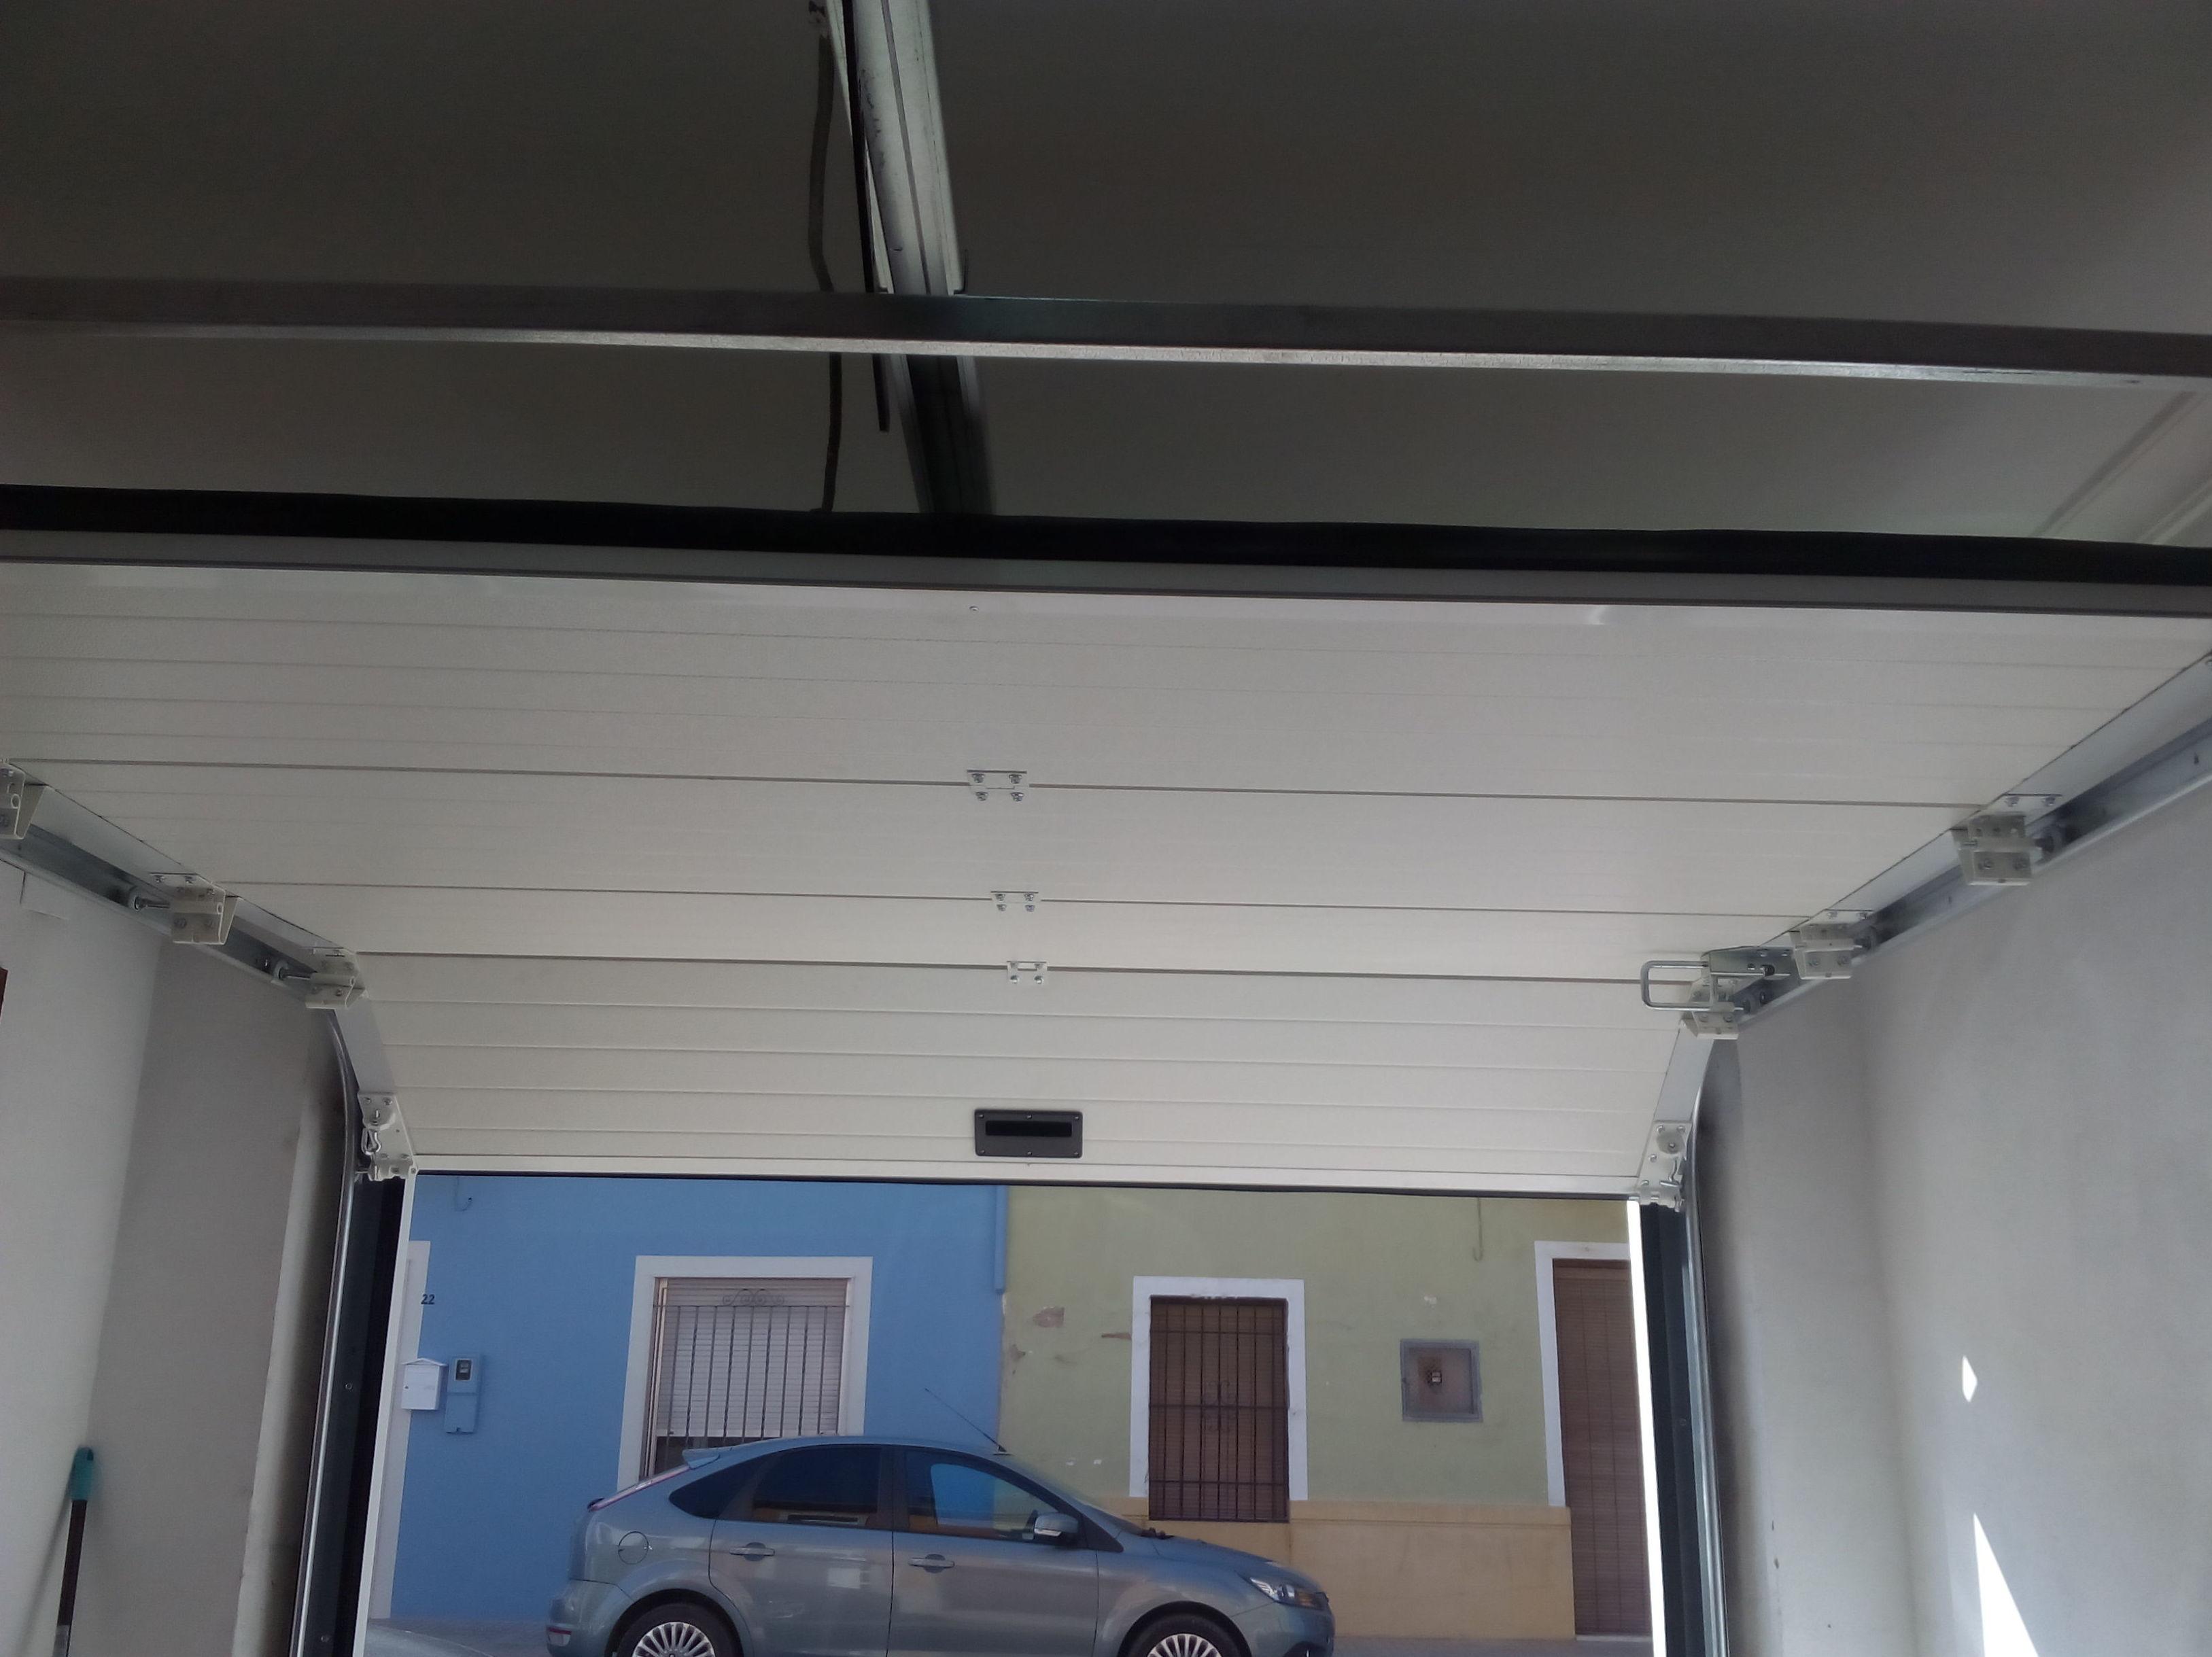 Puerta seccional automática guías al techo